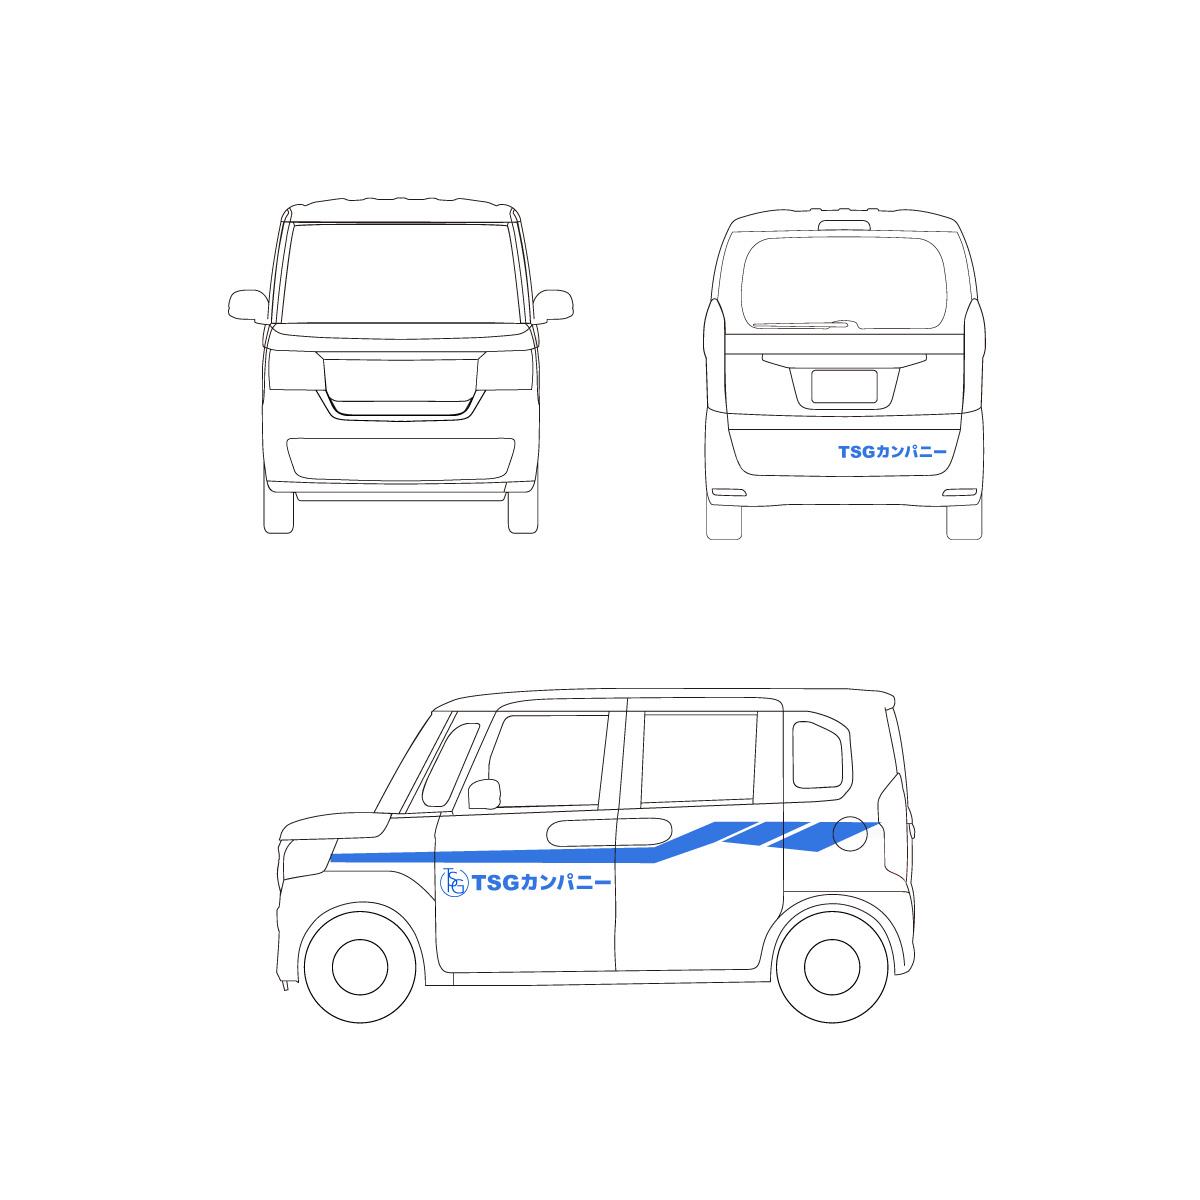 軽自動車のラッピングイメージ